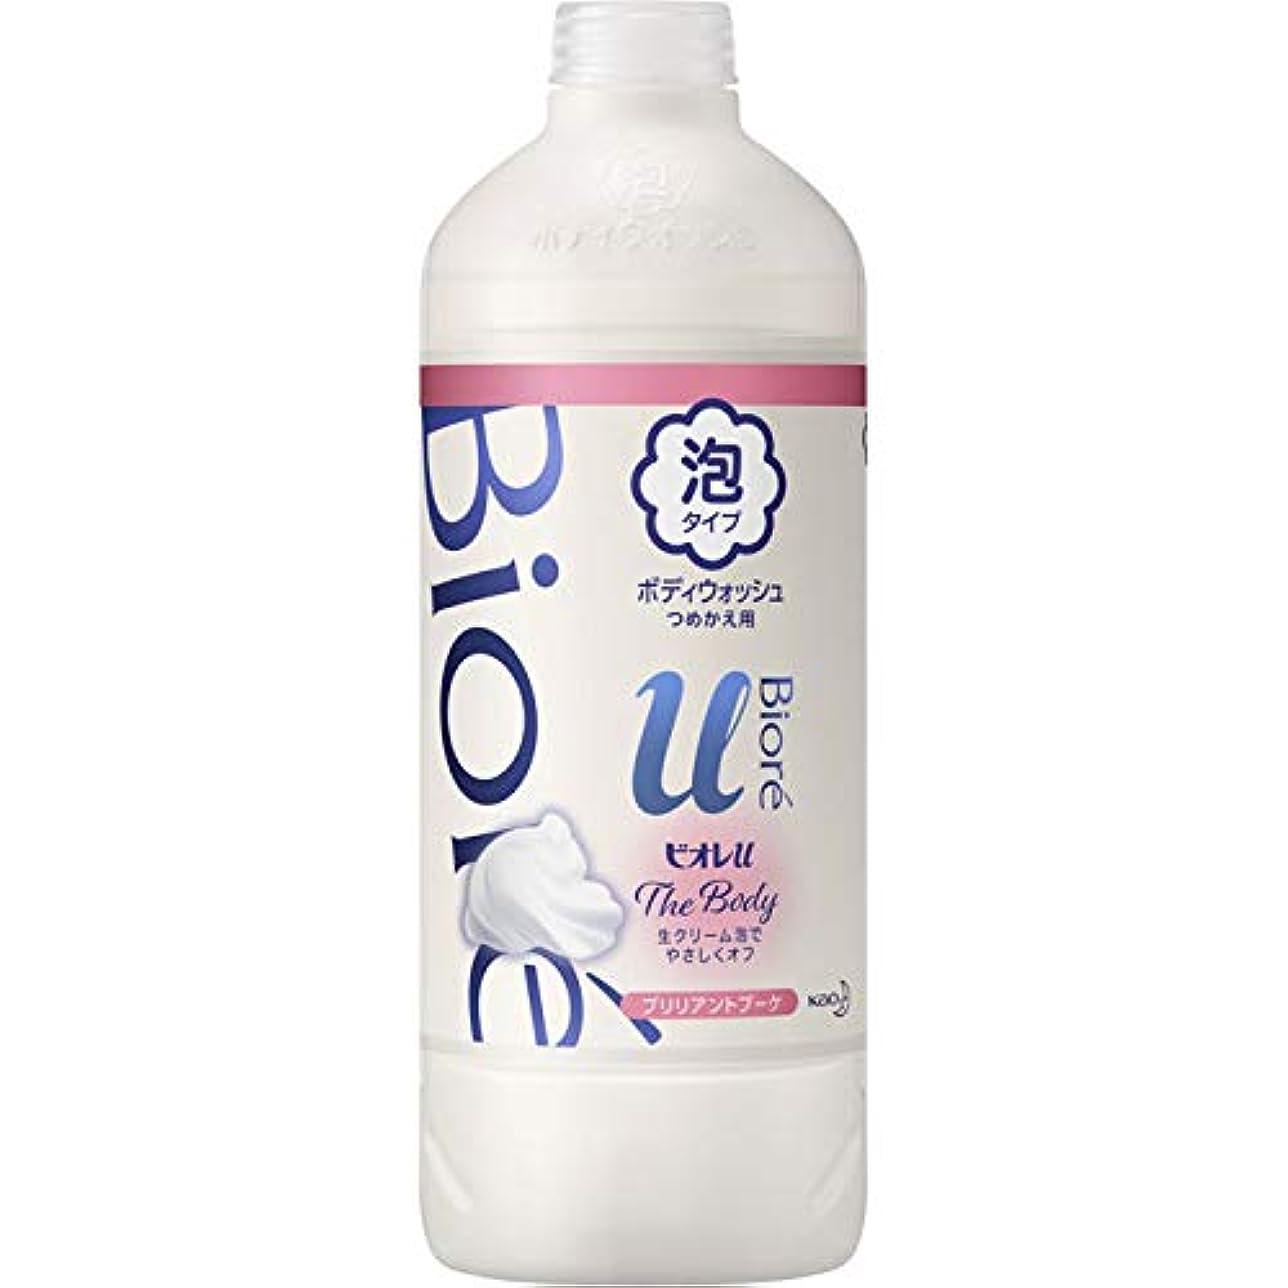 良さアストロラーベ額花王 ビオレu ザ ボディ泡ブリリアントブーケの香り 詰替え用 450ml